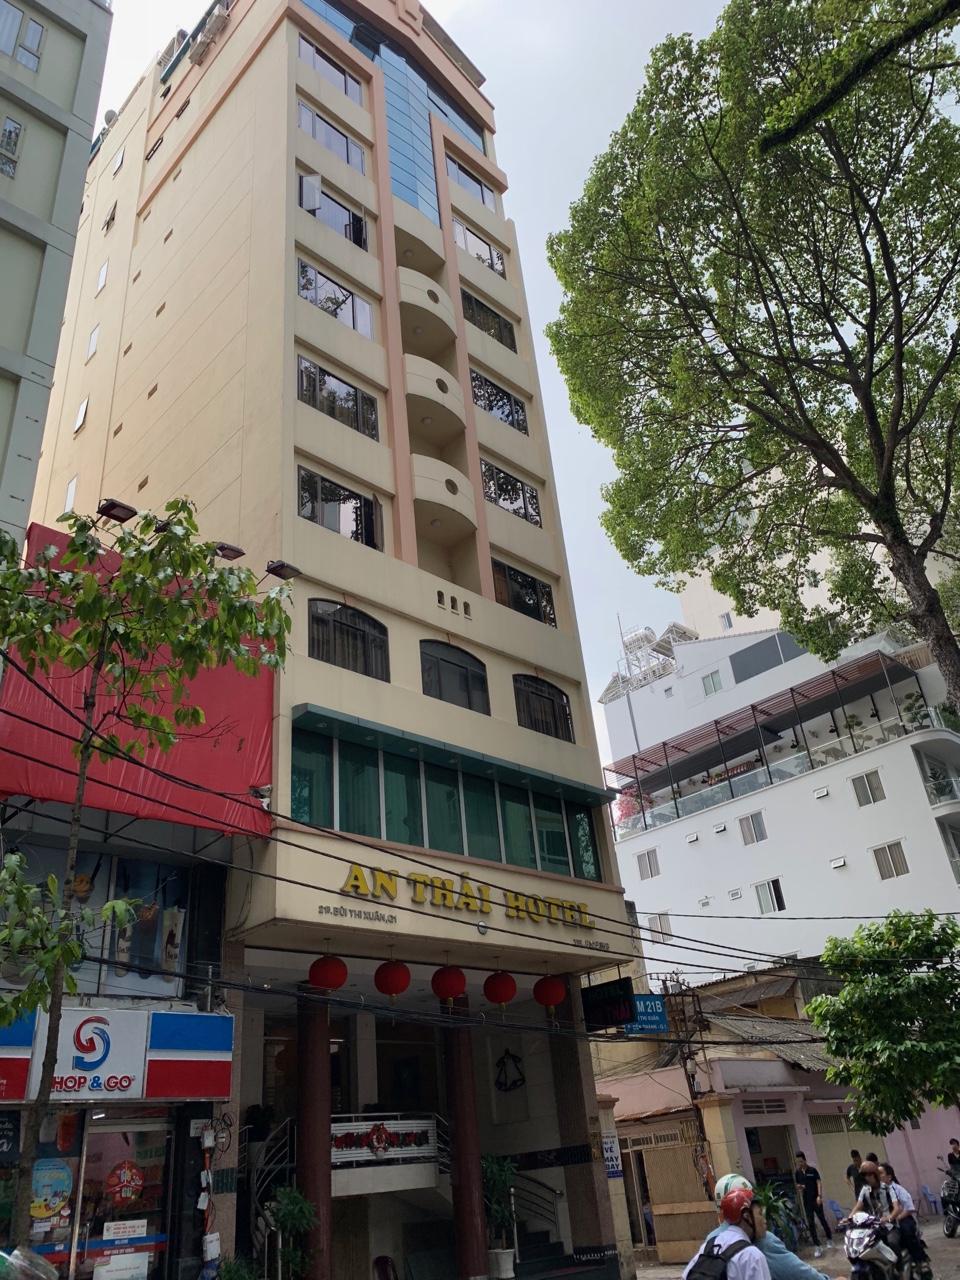 Bán Khách Sạn An Thái ,21B Bùi Thị Xuân, phường Bến Thành, Quận 1 ,TP.HCM